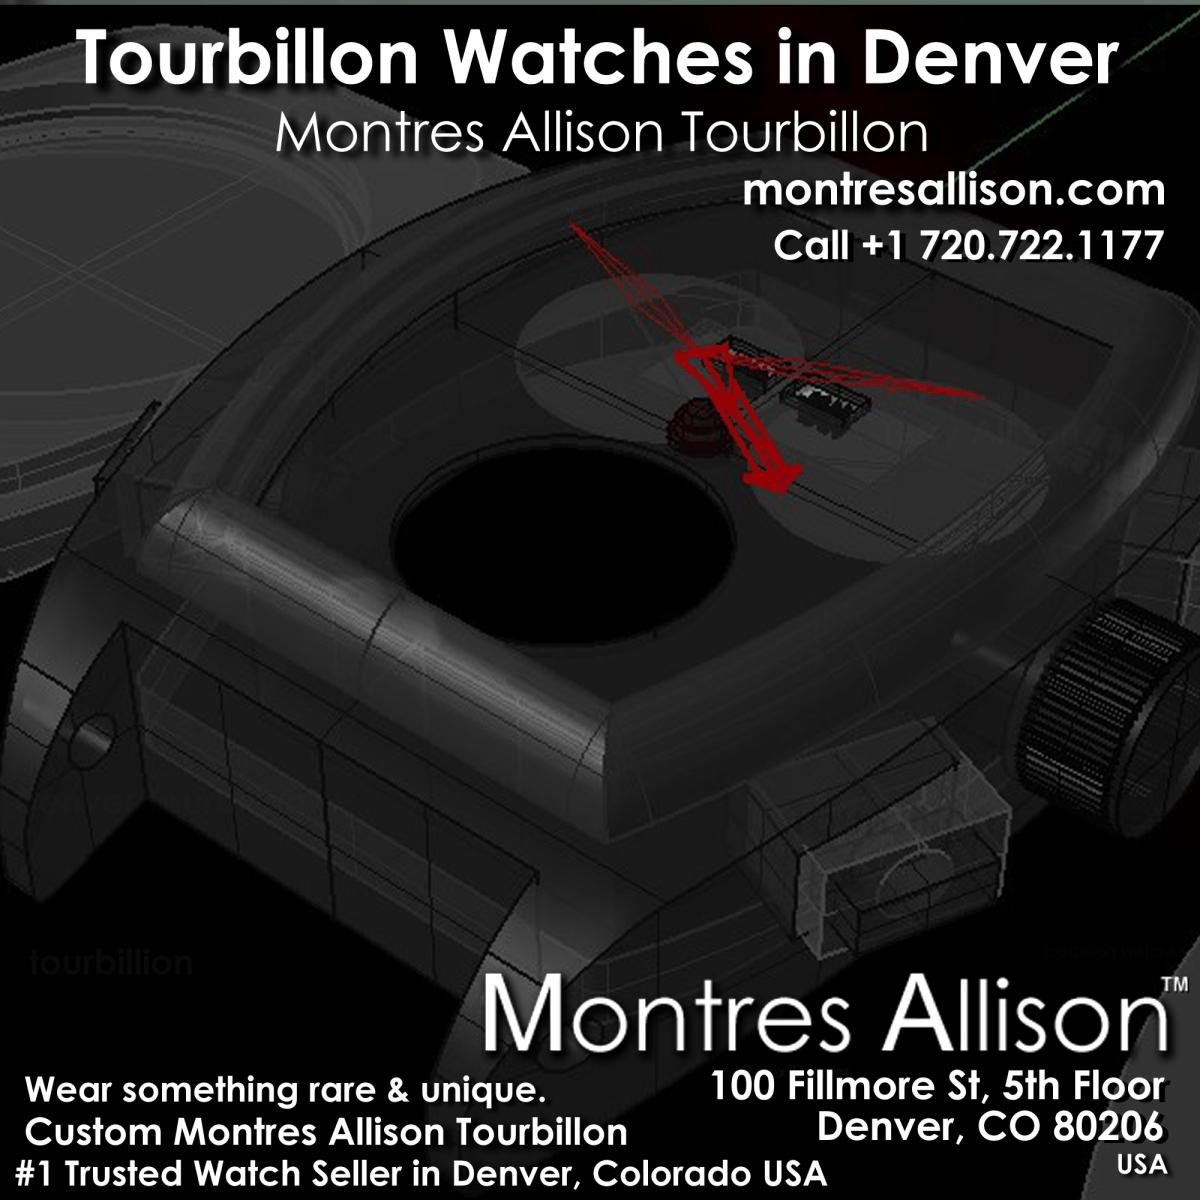 Montres Allison tourbillon watches